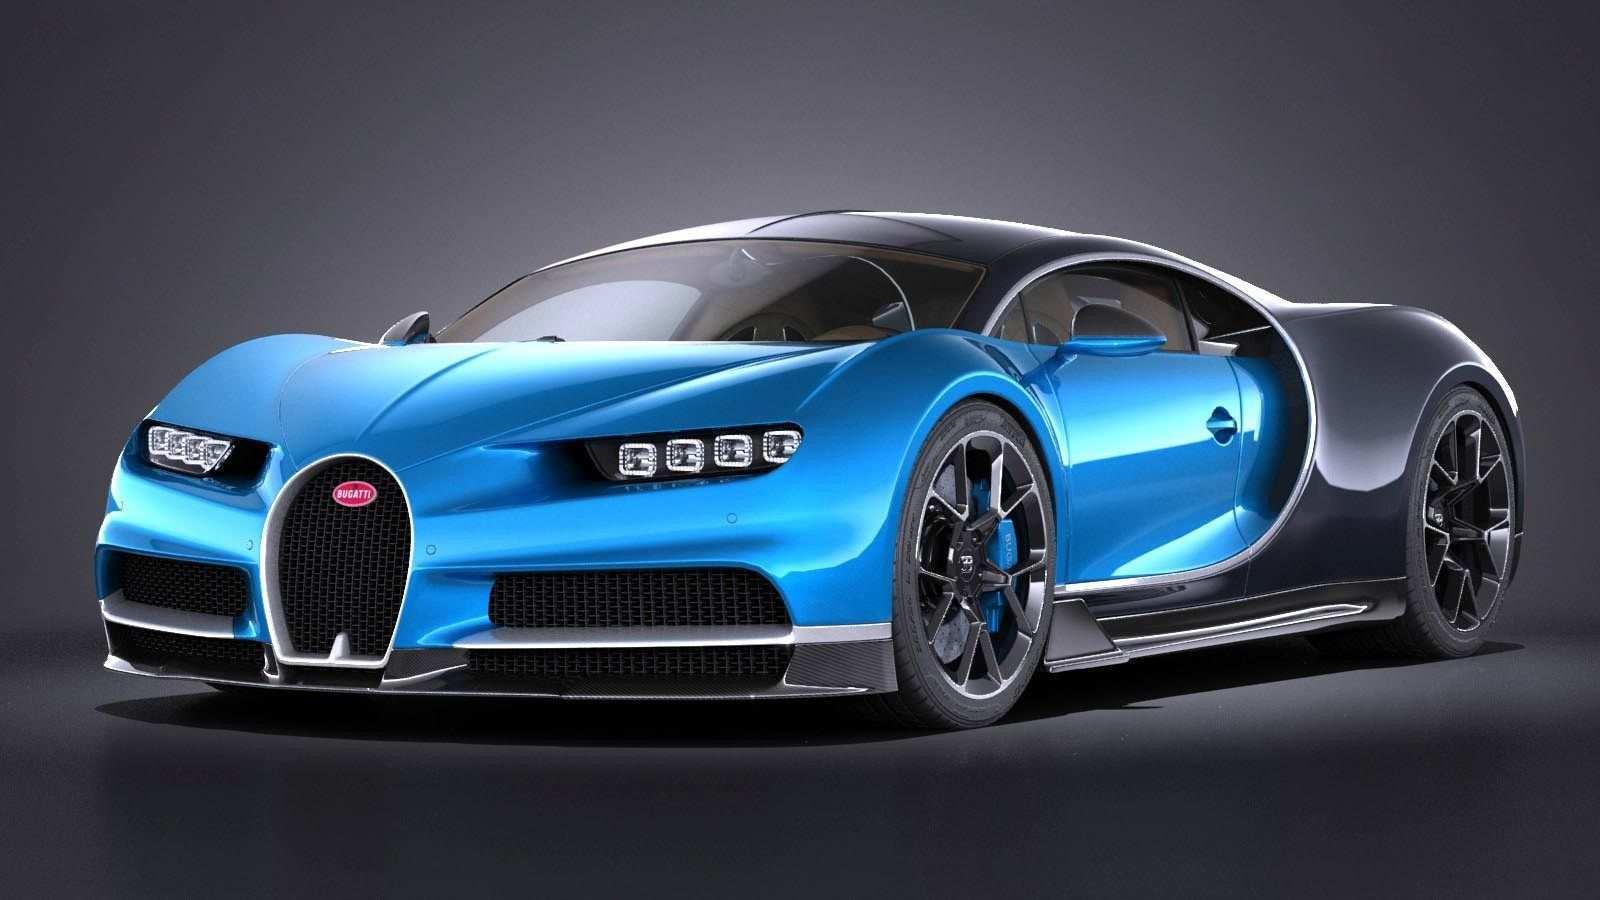 97 Gallery of 2019 Bugatti Chiron Specs with 2019 Bugatti Chiron